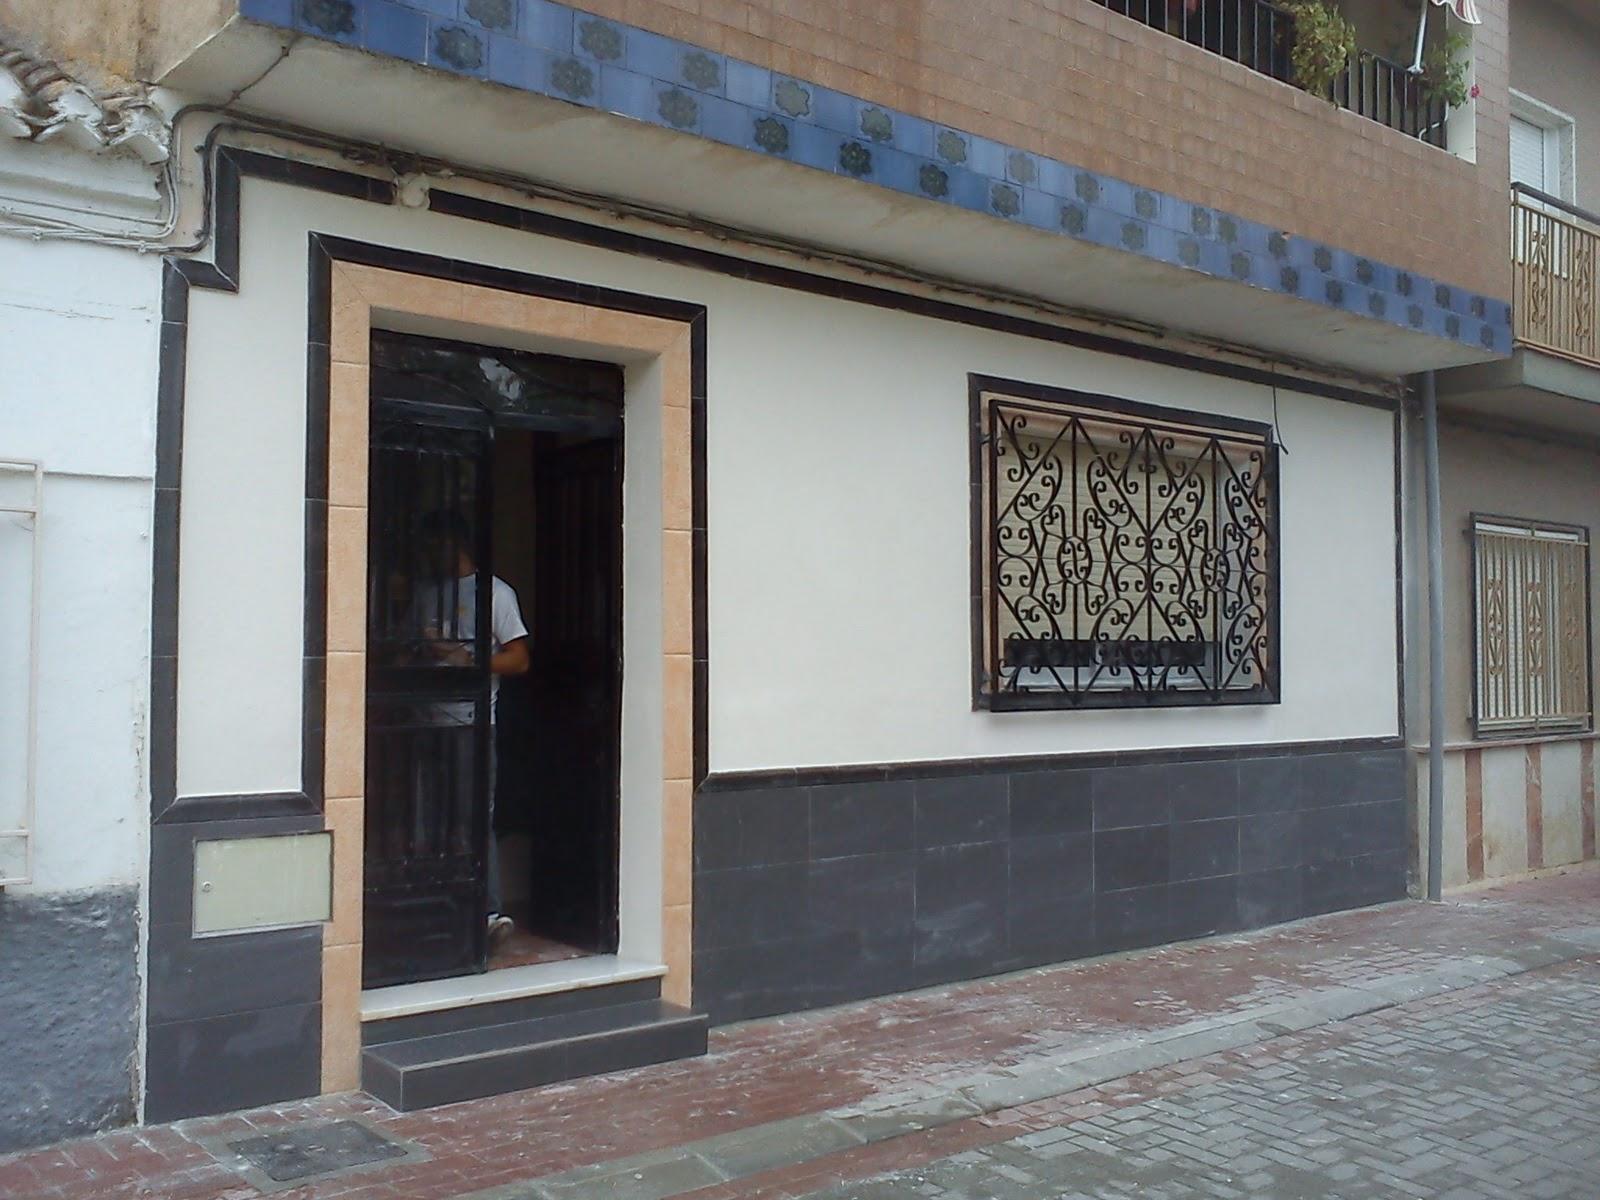 Reforma casa en dilar fachada y zocalo antes y despues 4 for Zocalo fachada exterior